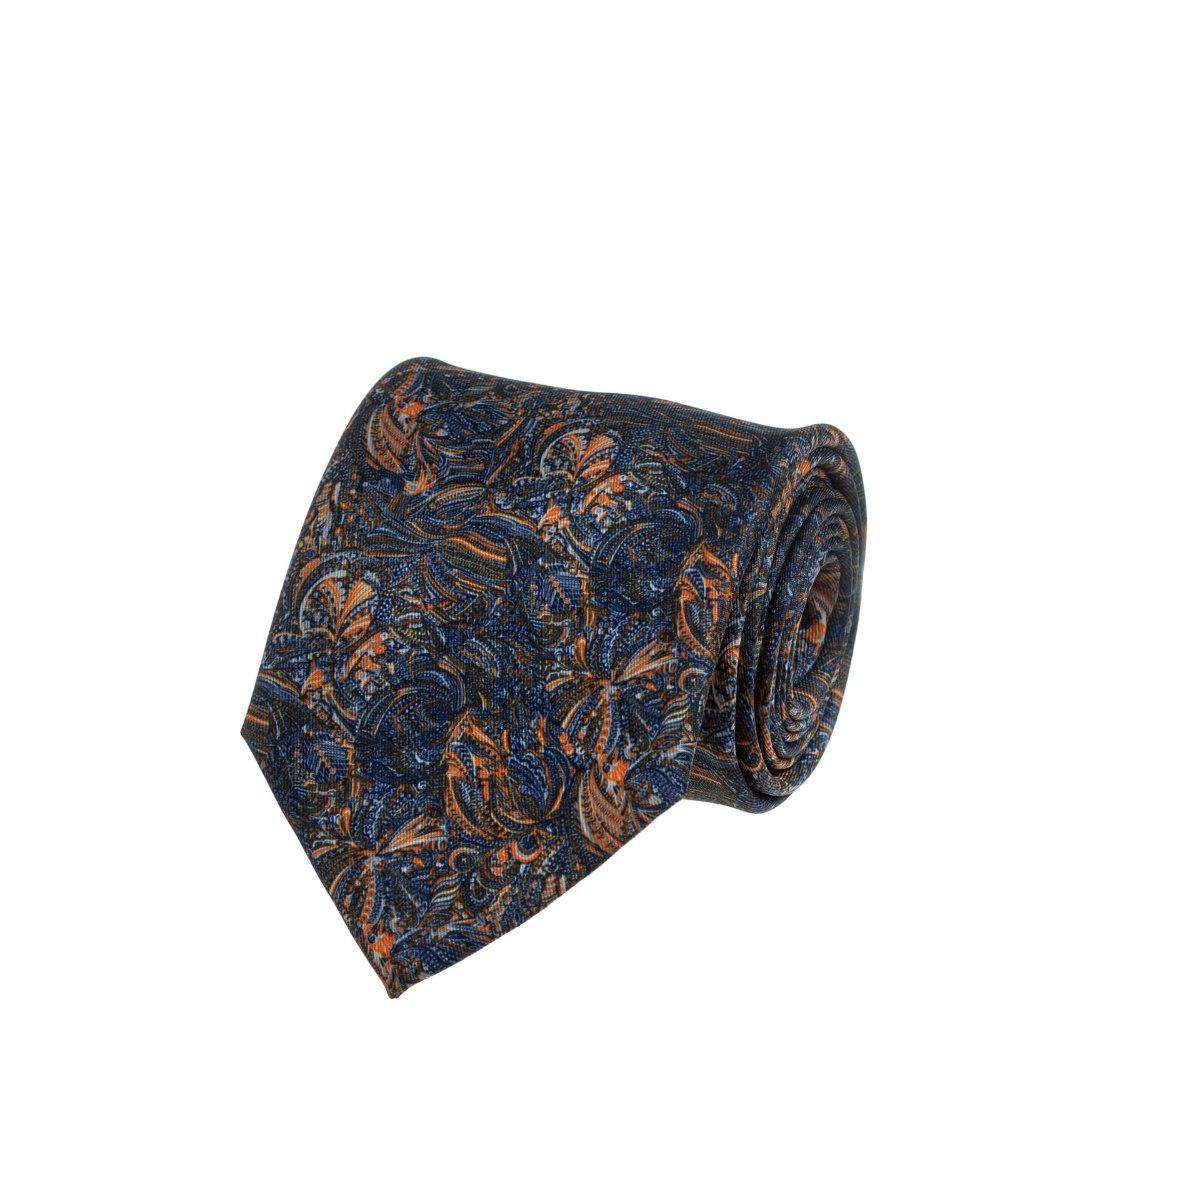 עניבה פיקאסו כחול - כתום